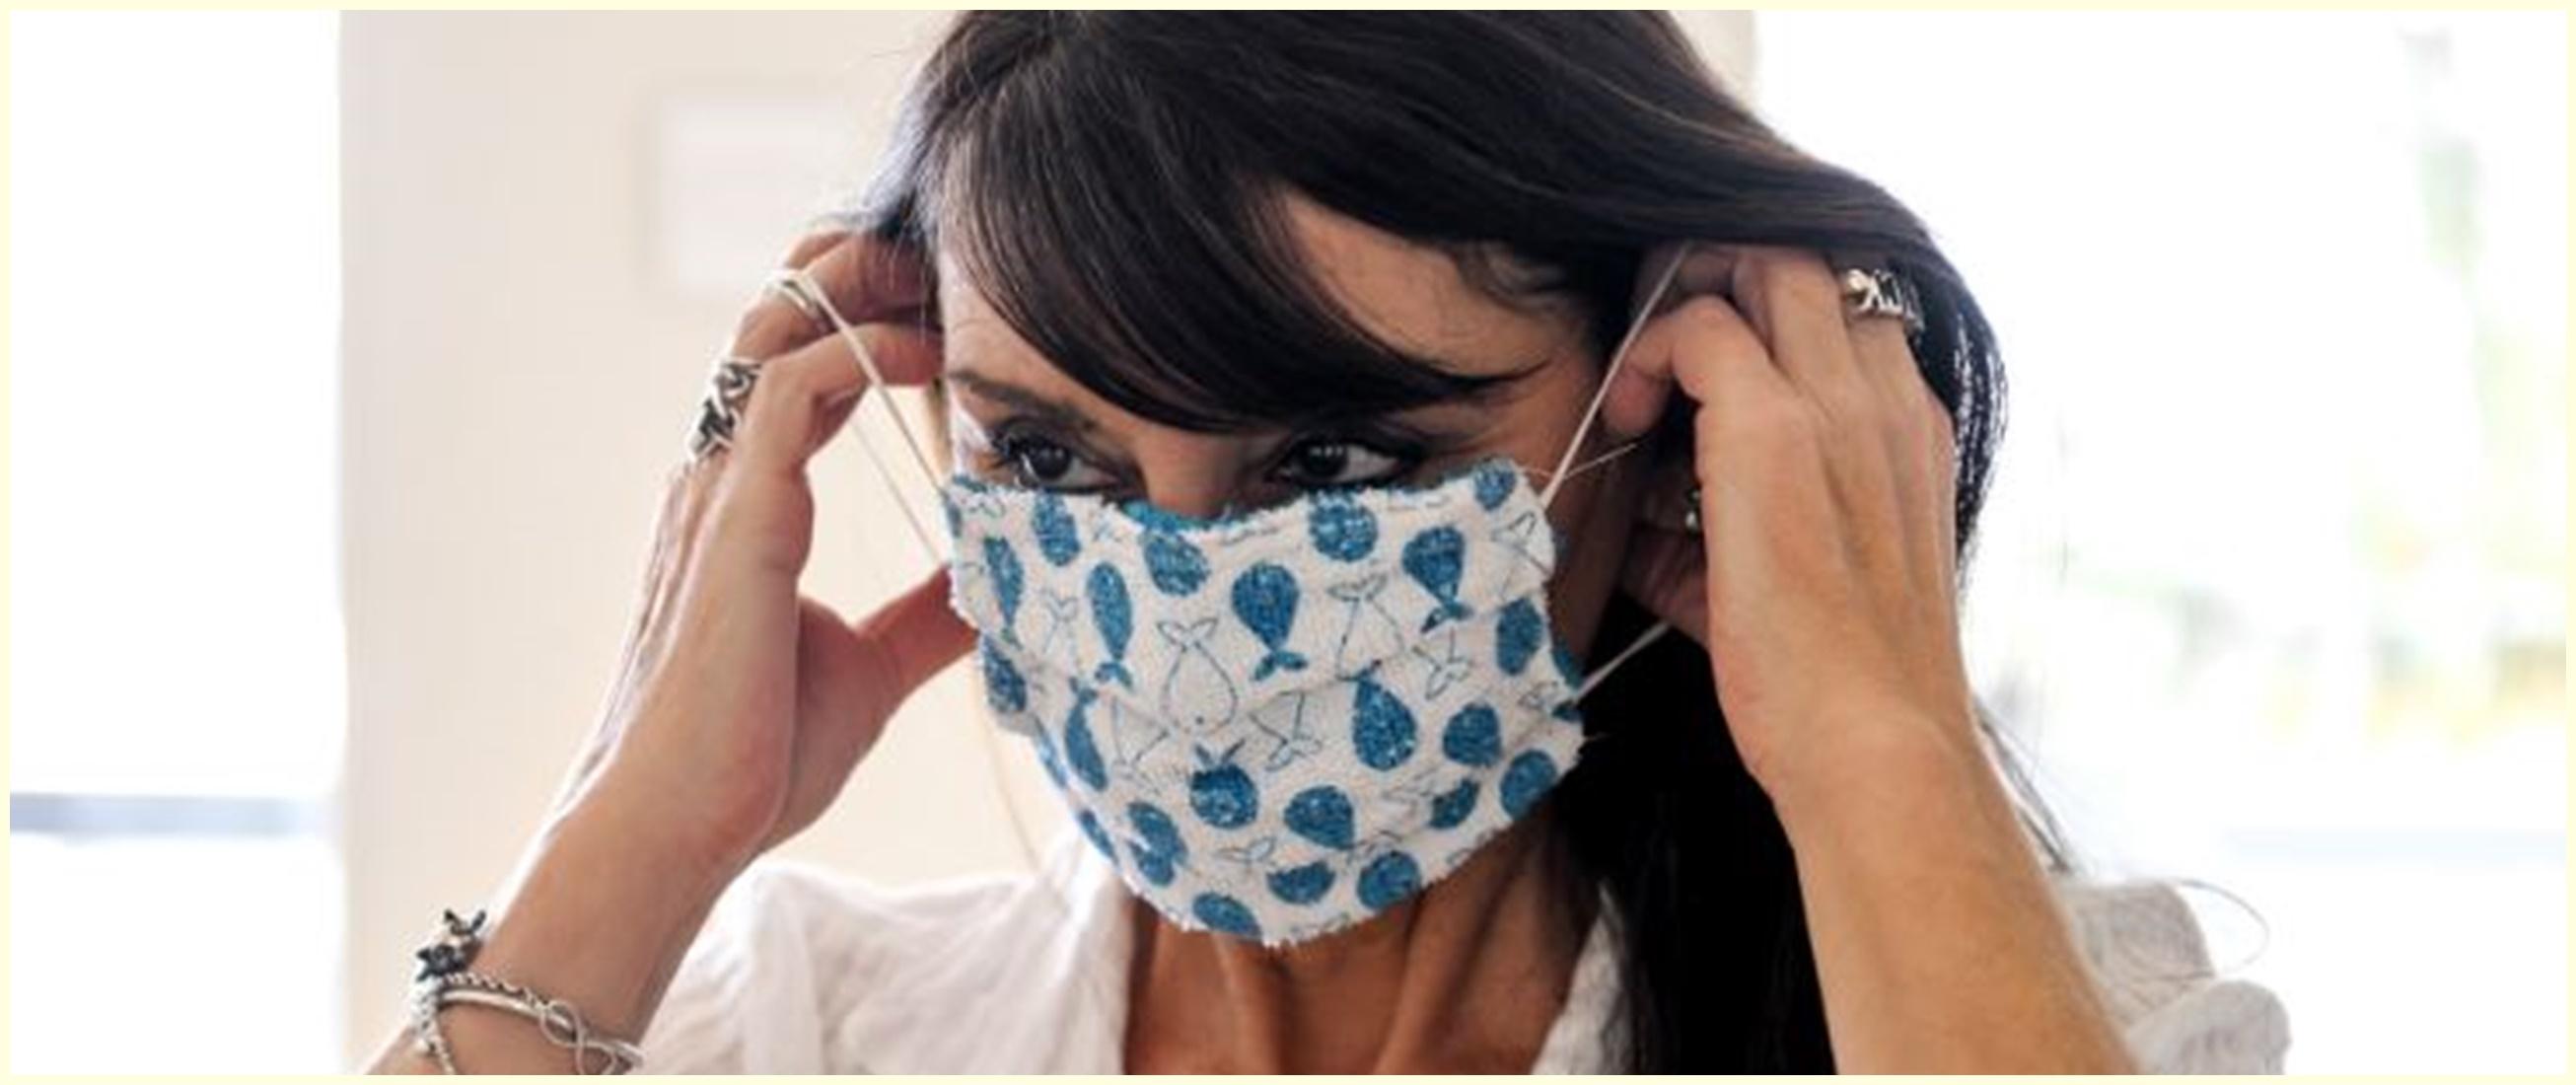 Viral eksperimen masker kain cegah corona, hasilnya mengejutkan